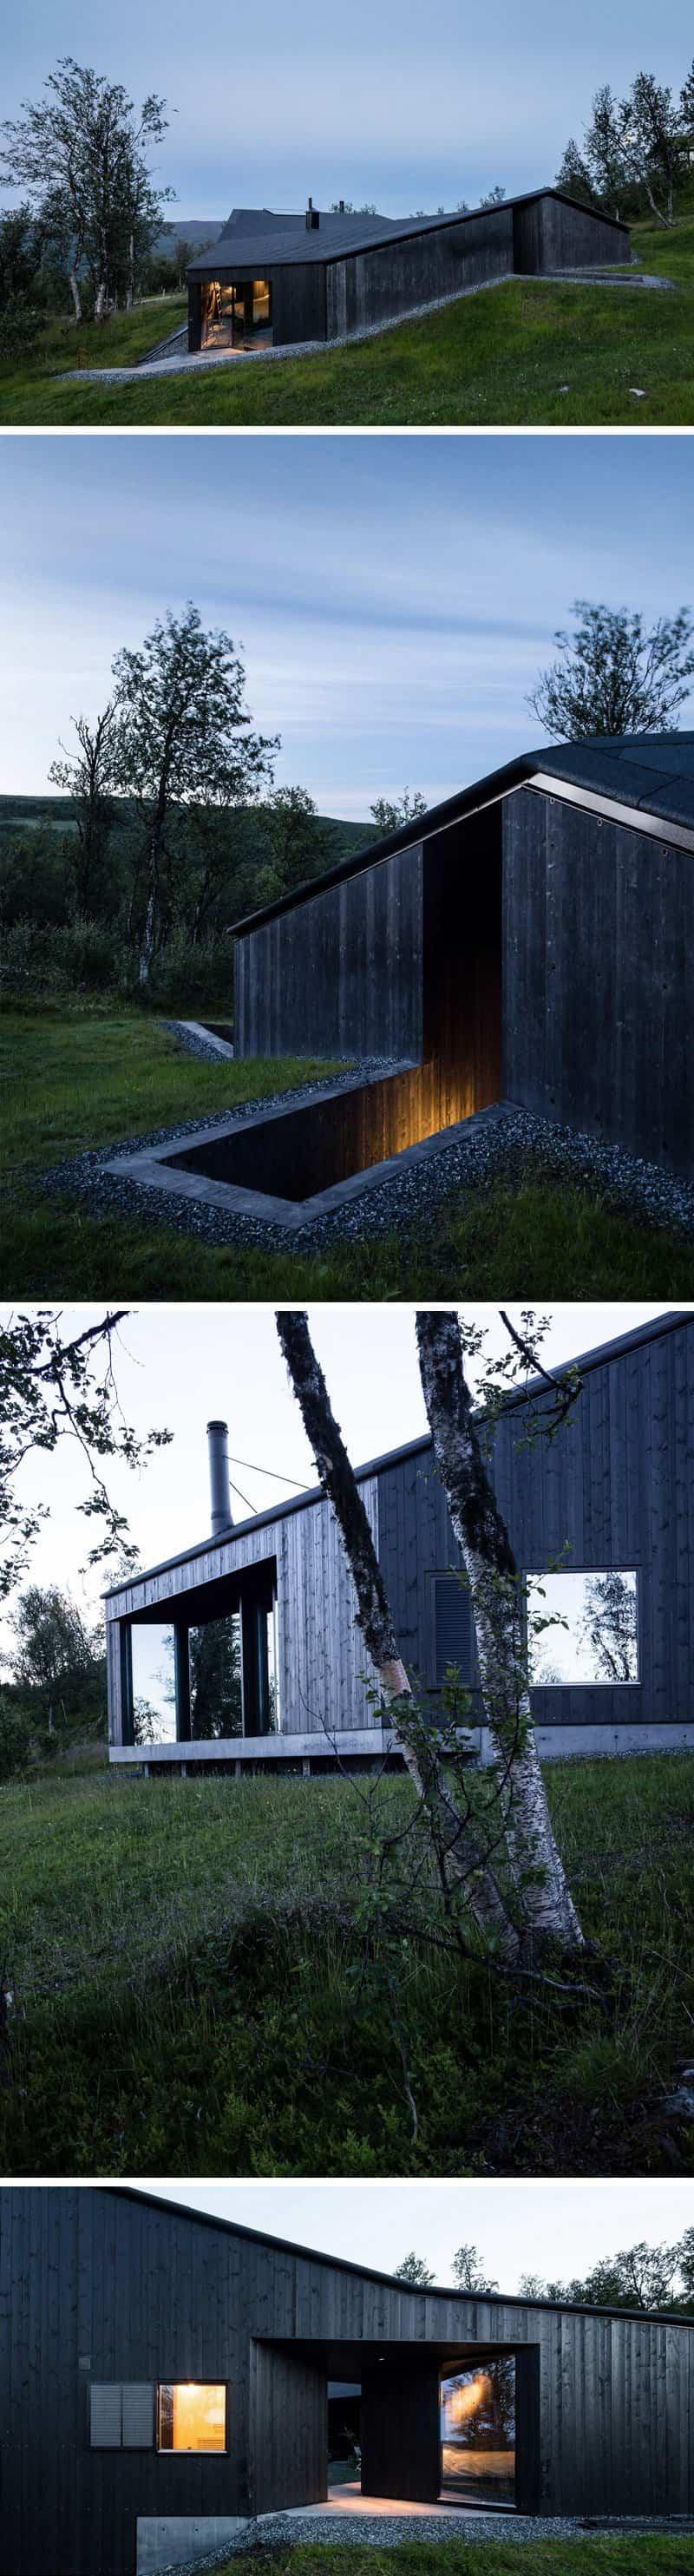 casas modernas con exteriores negros 13